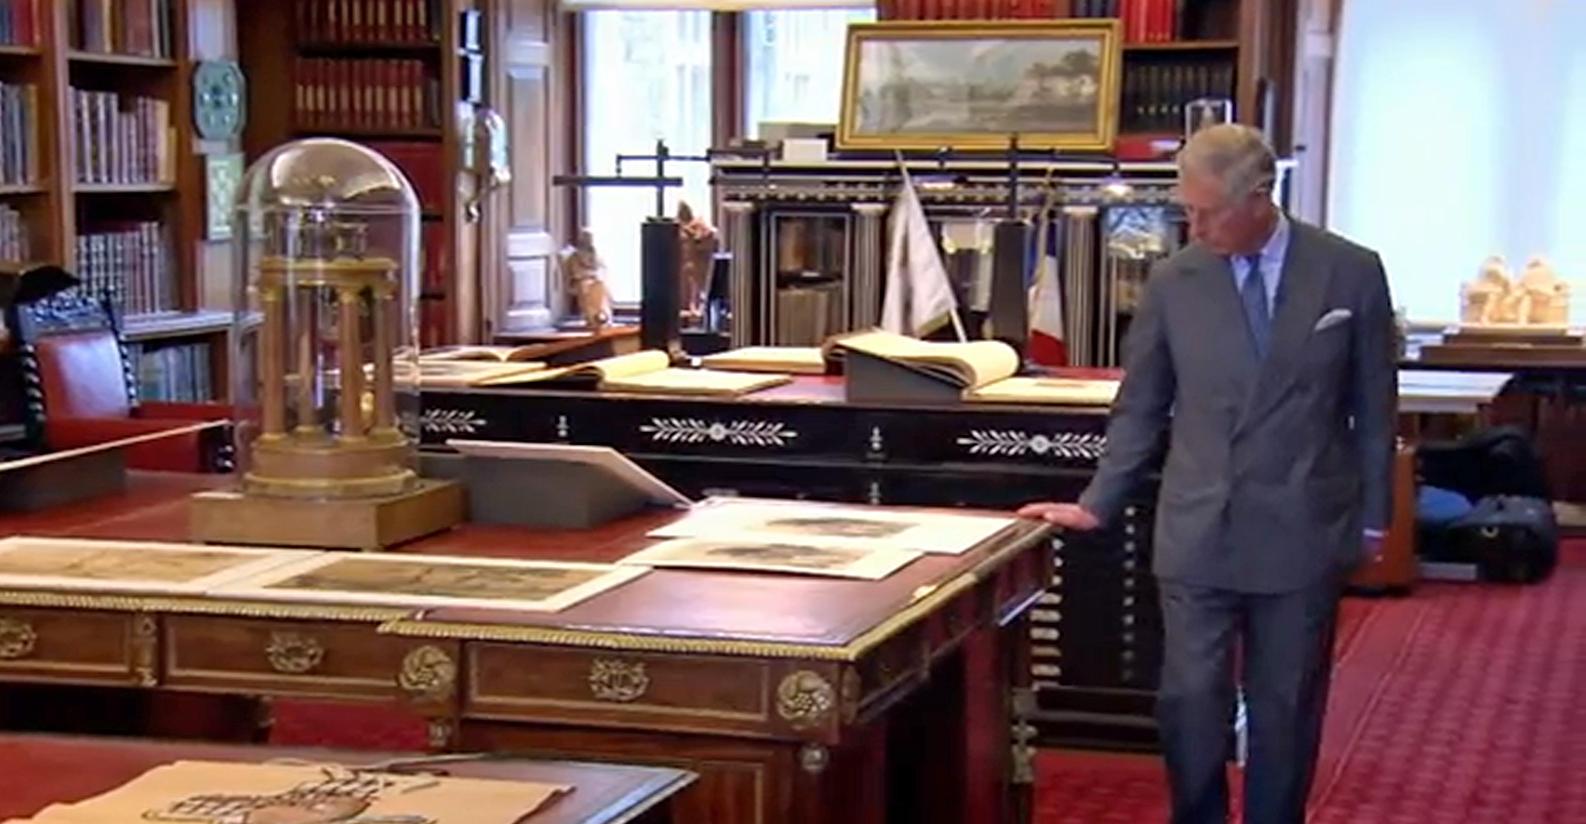 Viele von Prinz Charles' Ahnen haben künstlerische Schätze hinterlassen, die ab Juni in Windsor ausgestellt werden.